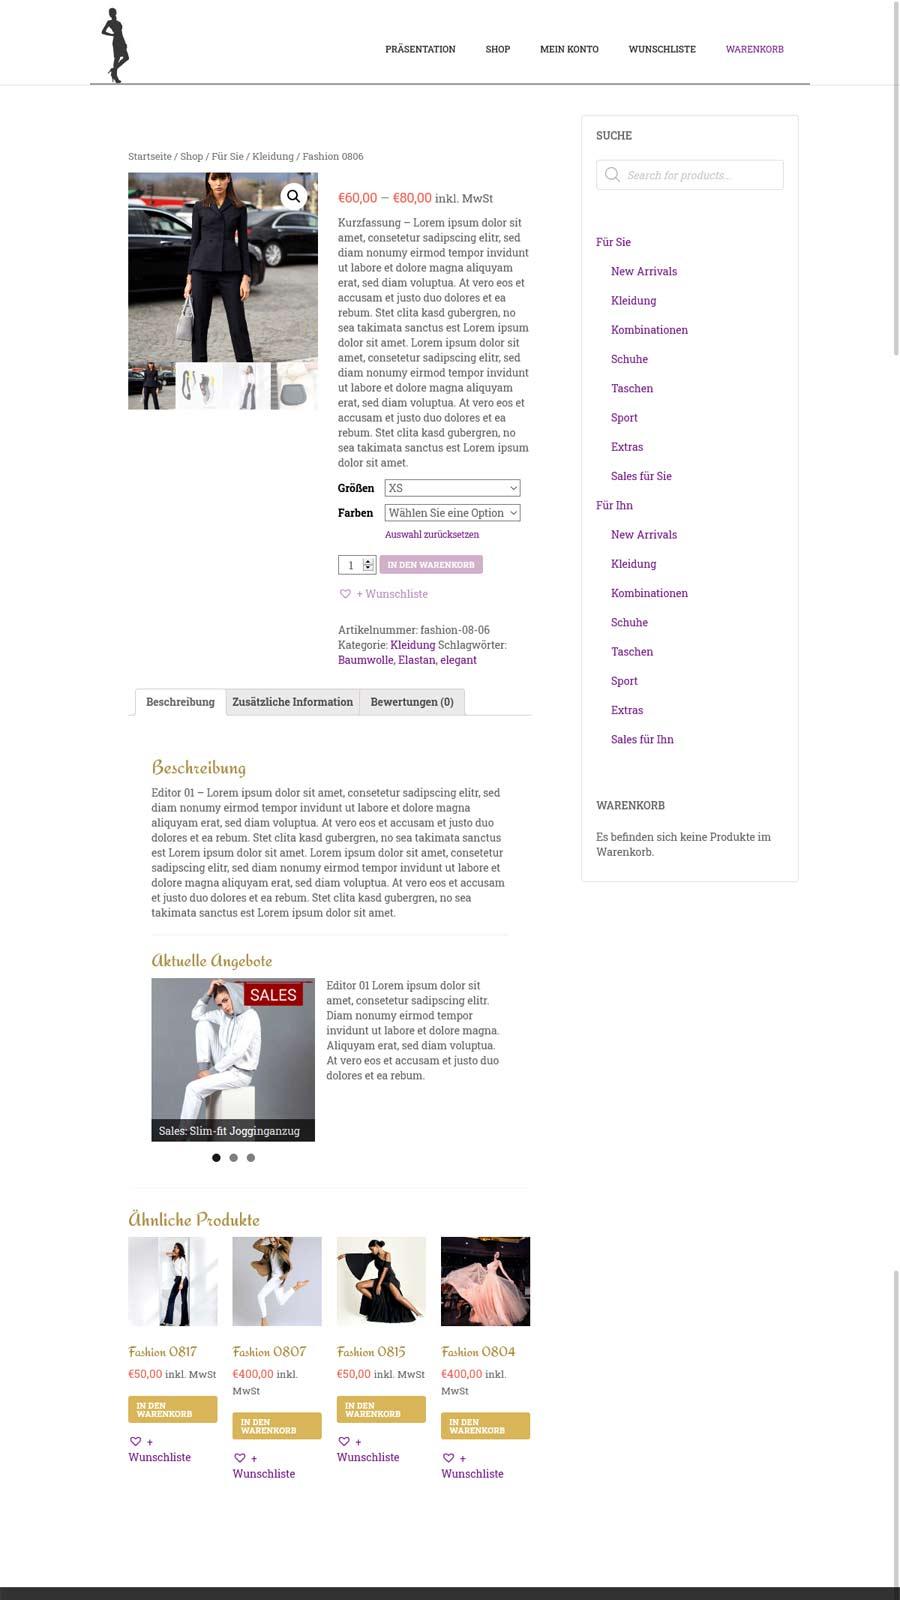 https://muenchner-webdesigner.de/wp-content/uploads/2021/03/demoshop-900-03.jpg